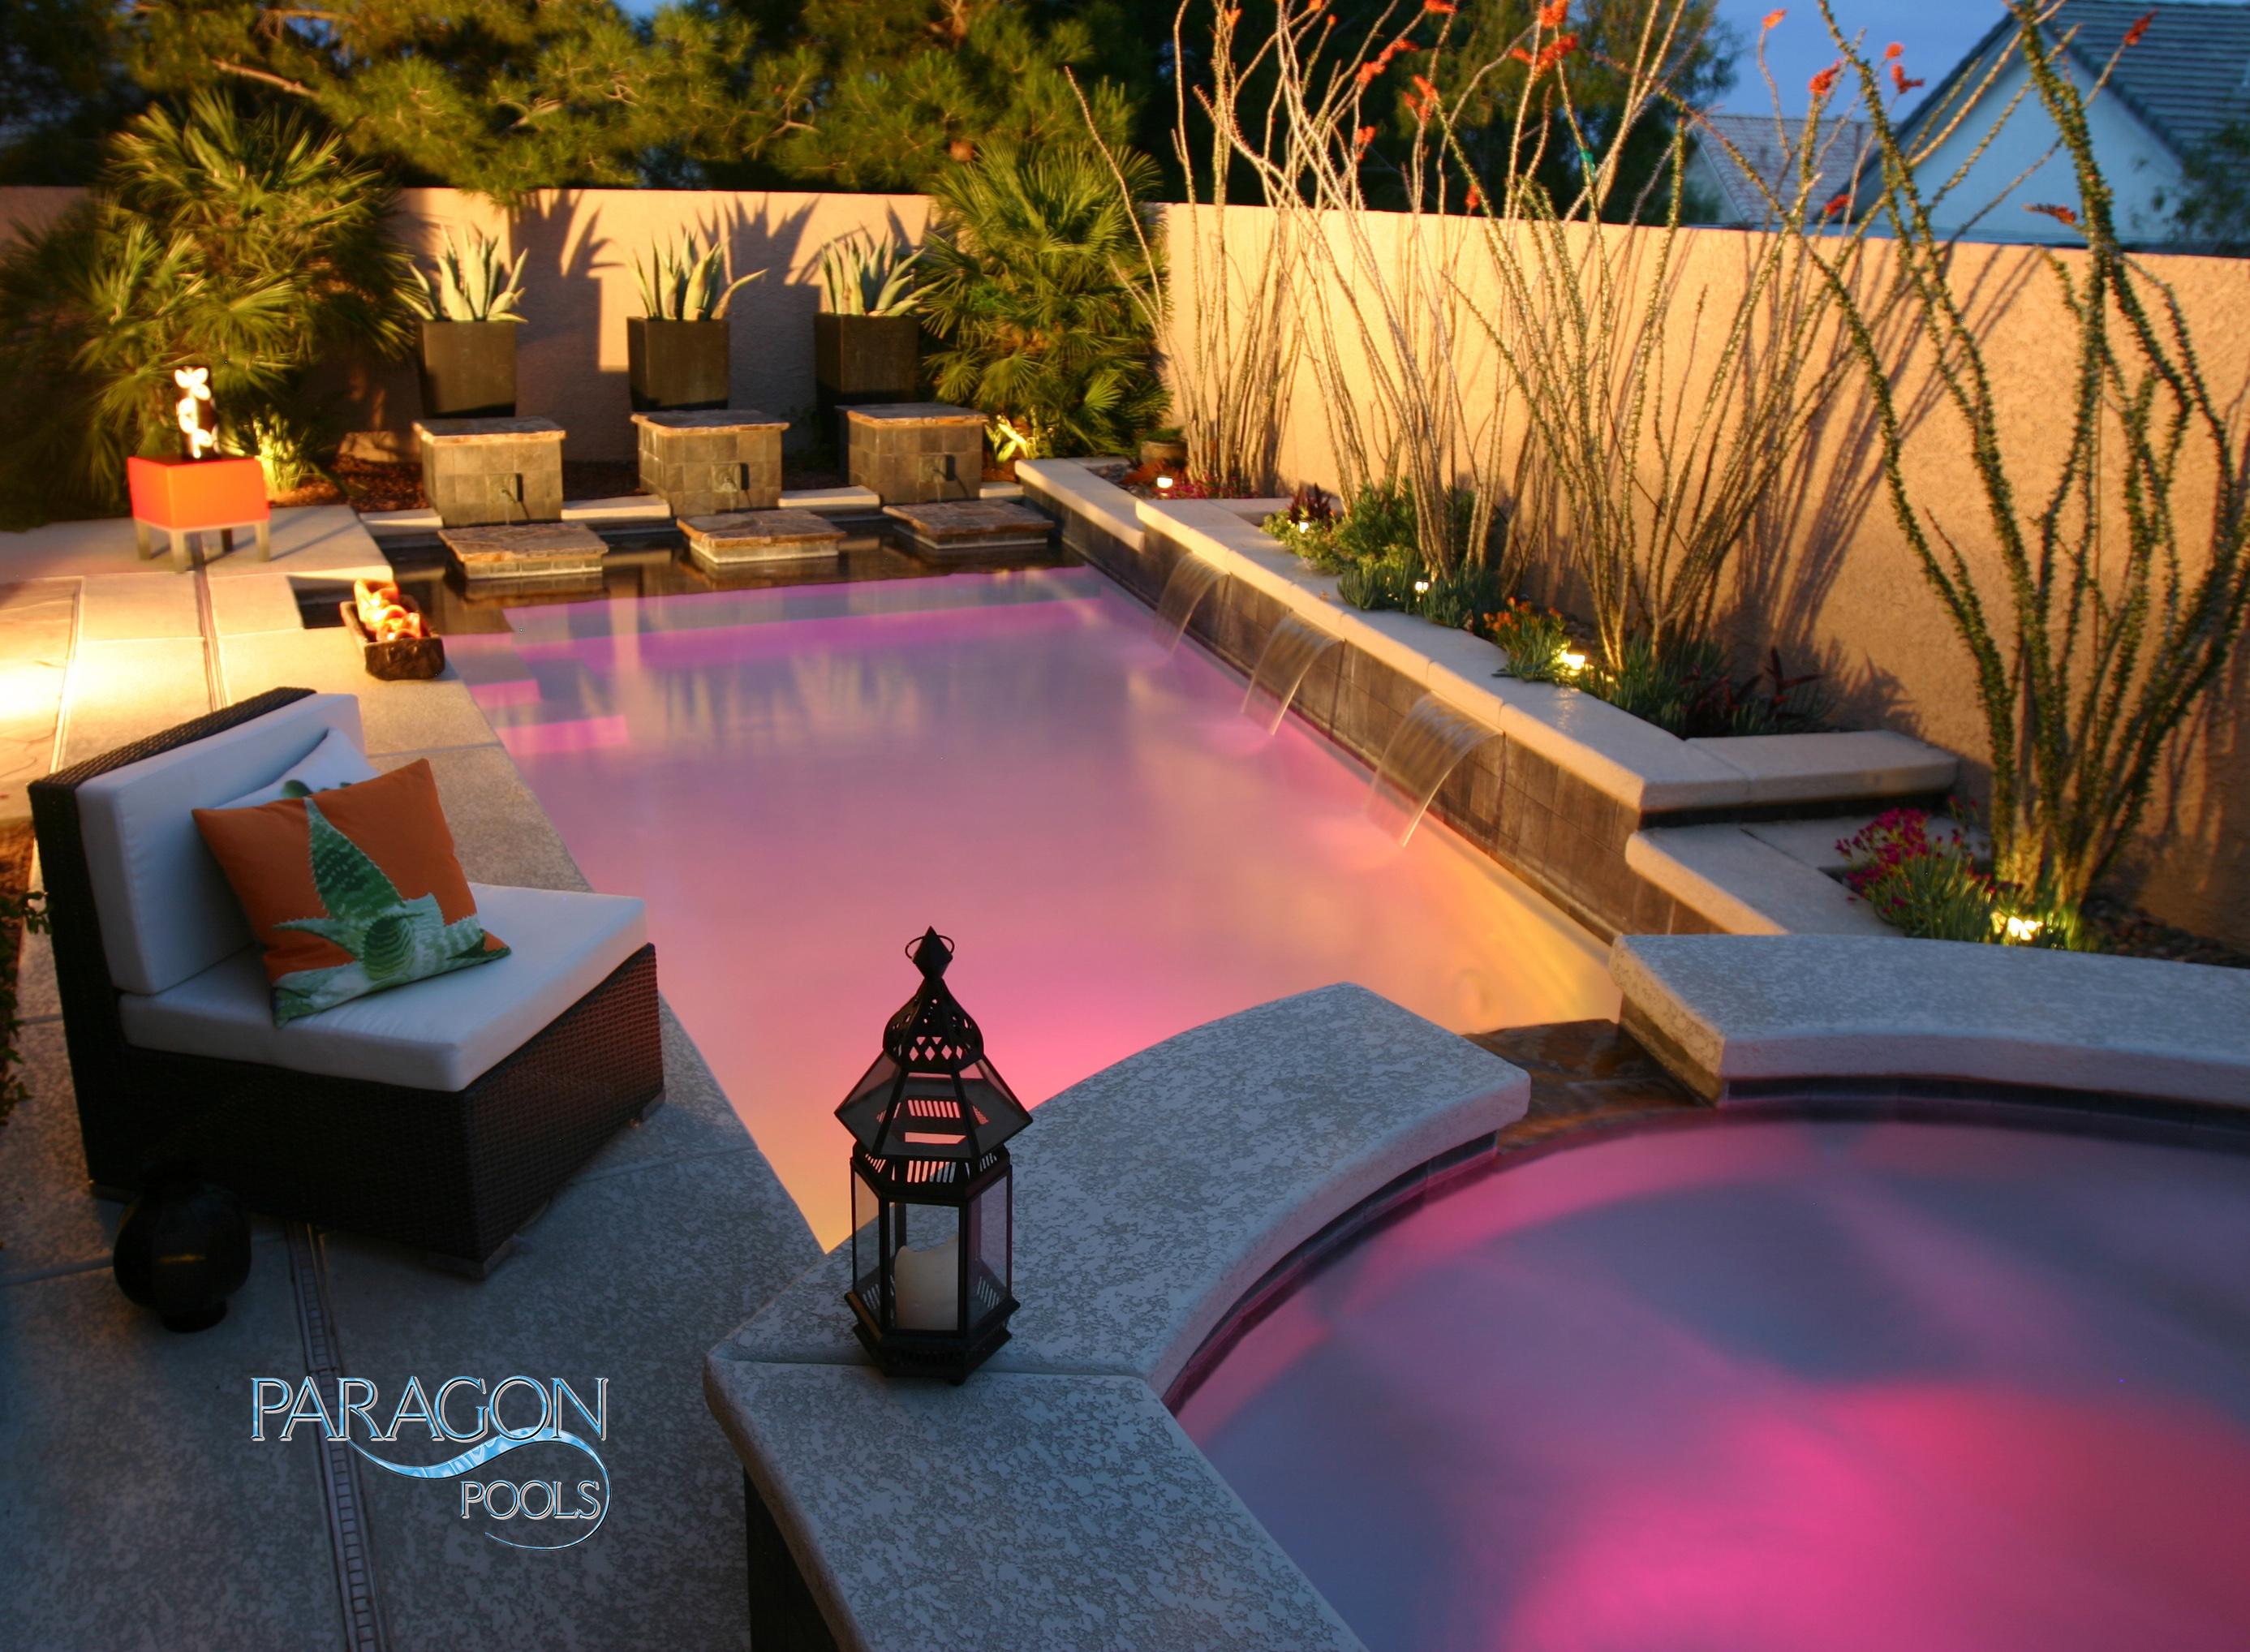 2016 Luxury Backyard Design Trends & 2015 Backyard of the ... on Luxury Backyard Design id=95498